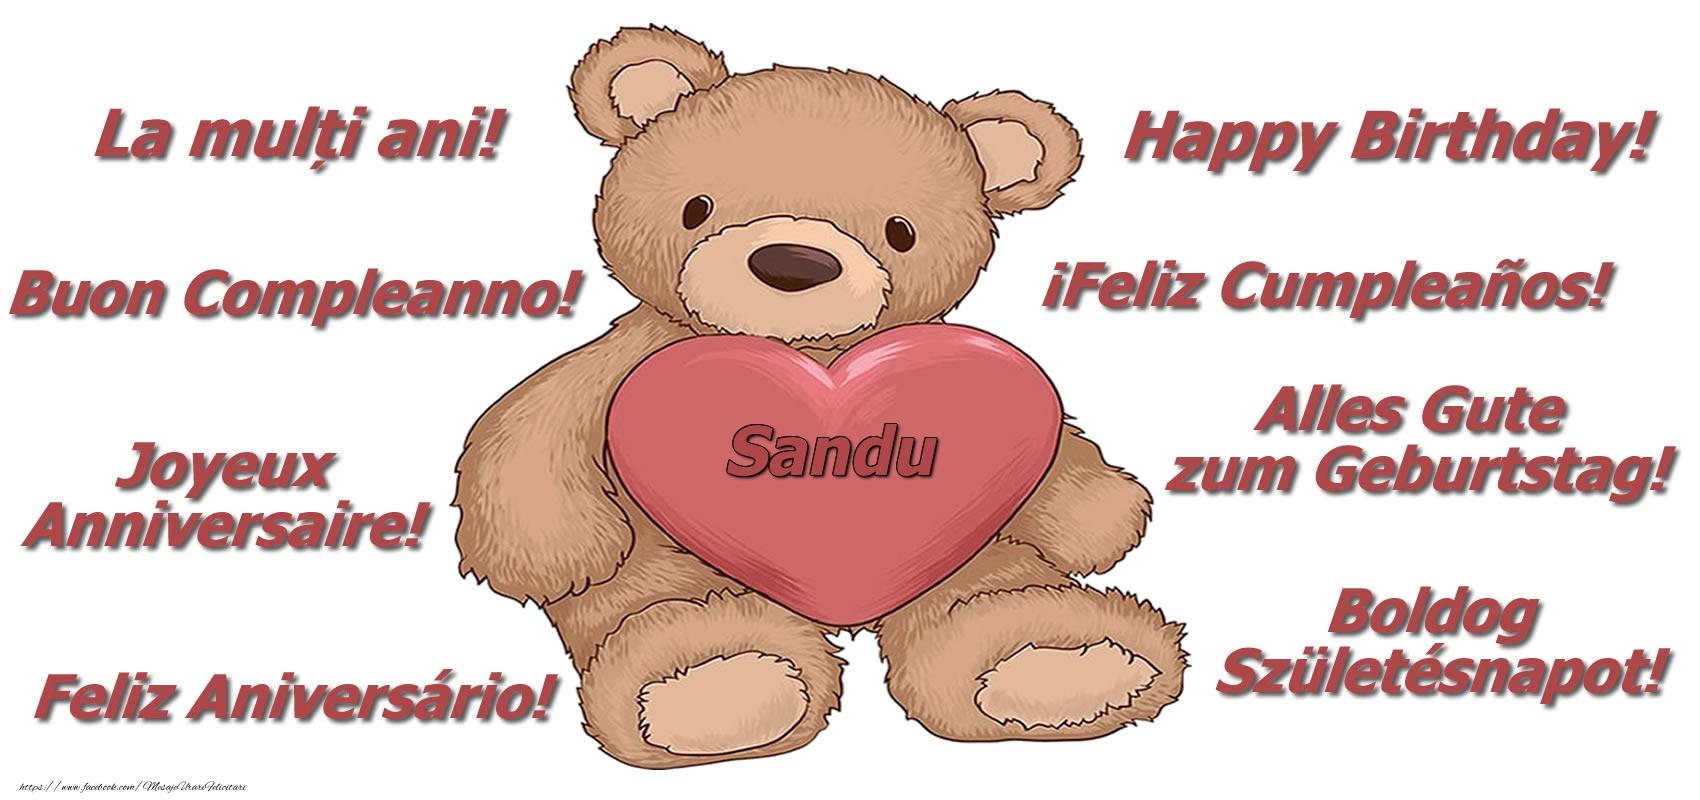 Felicitari de zi de nastere - La multi ani Sandu! - Ursulet